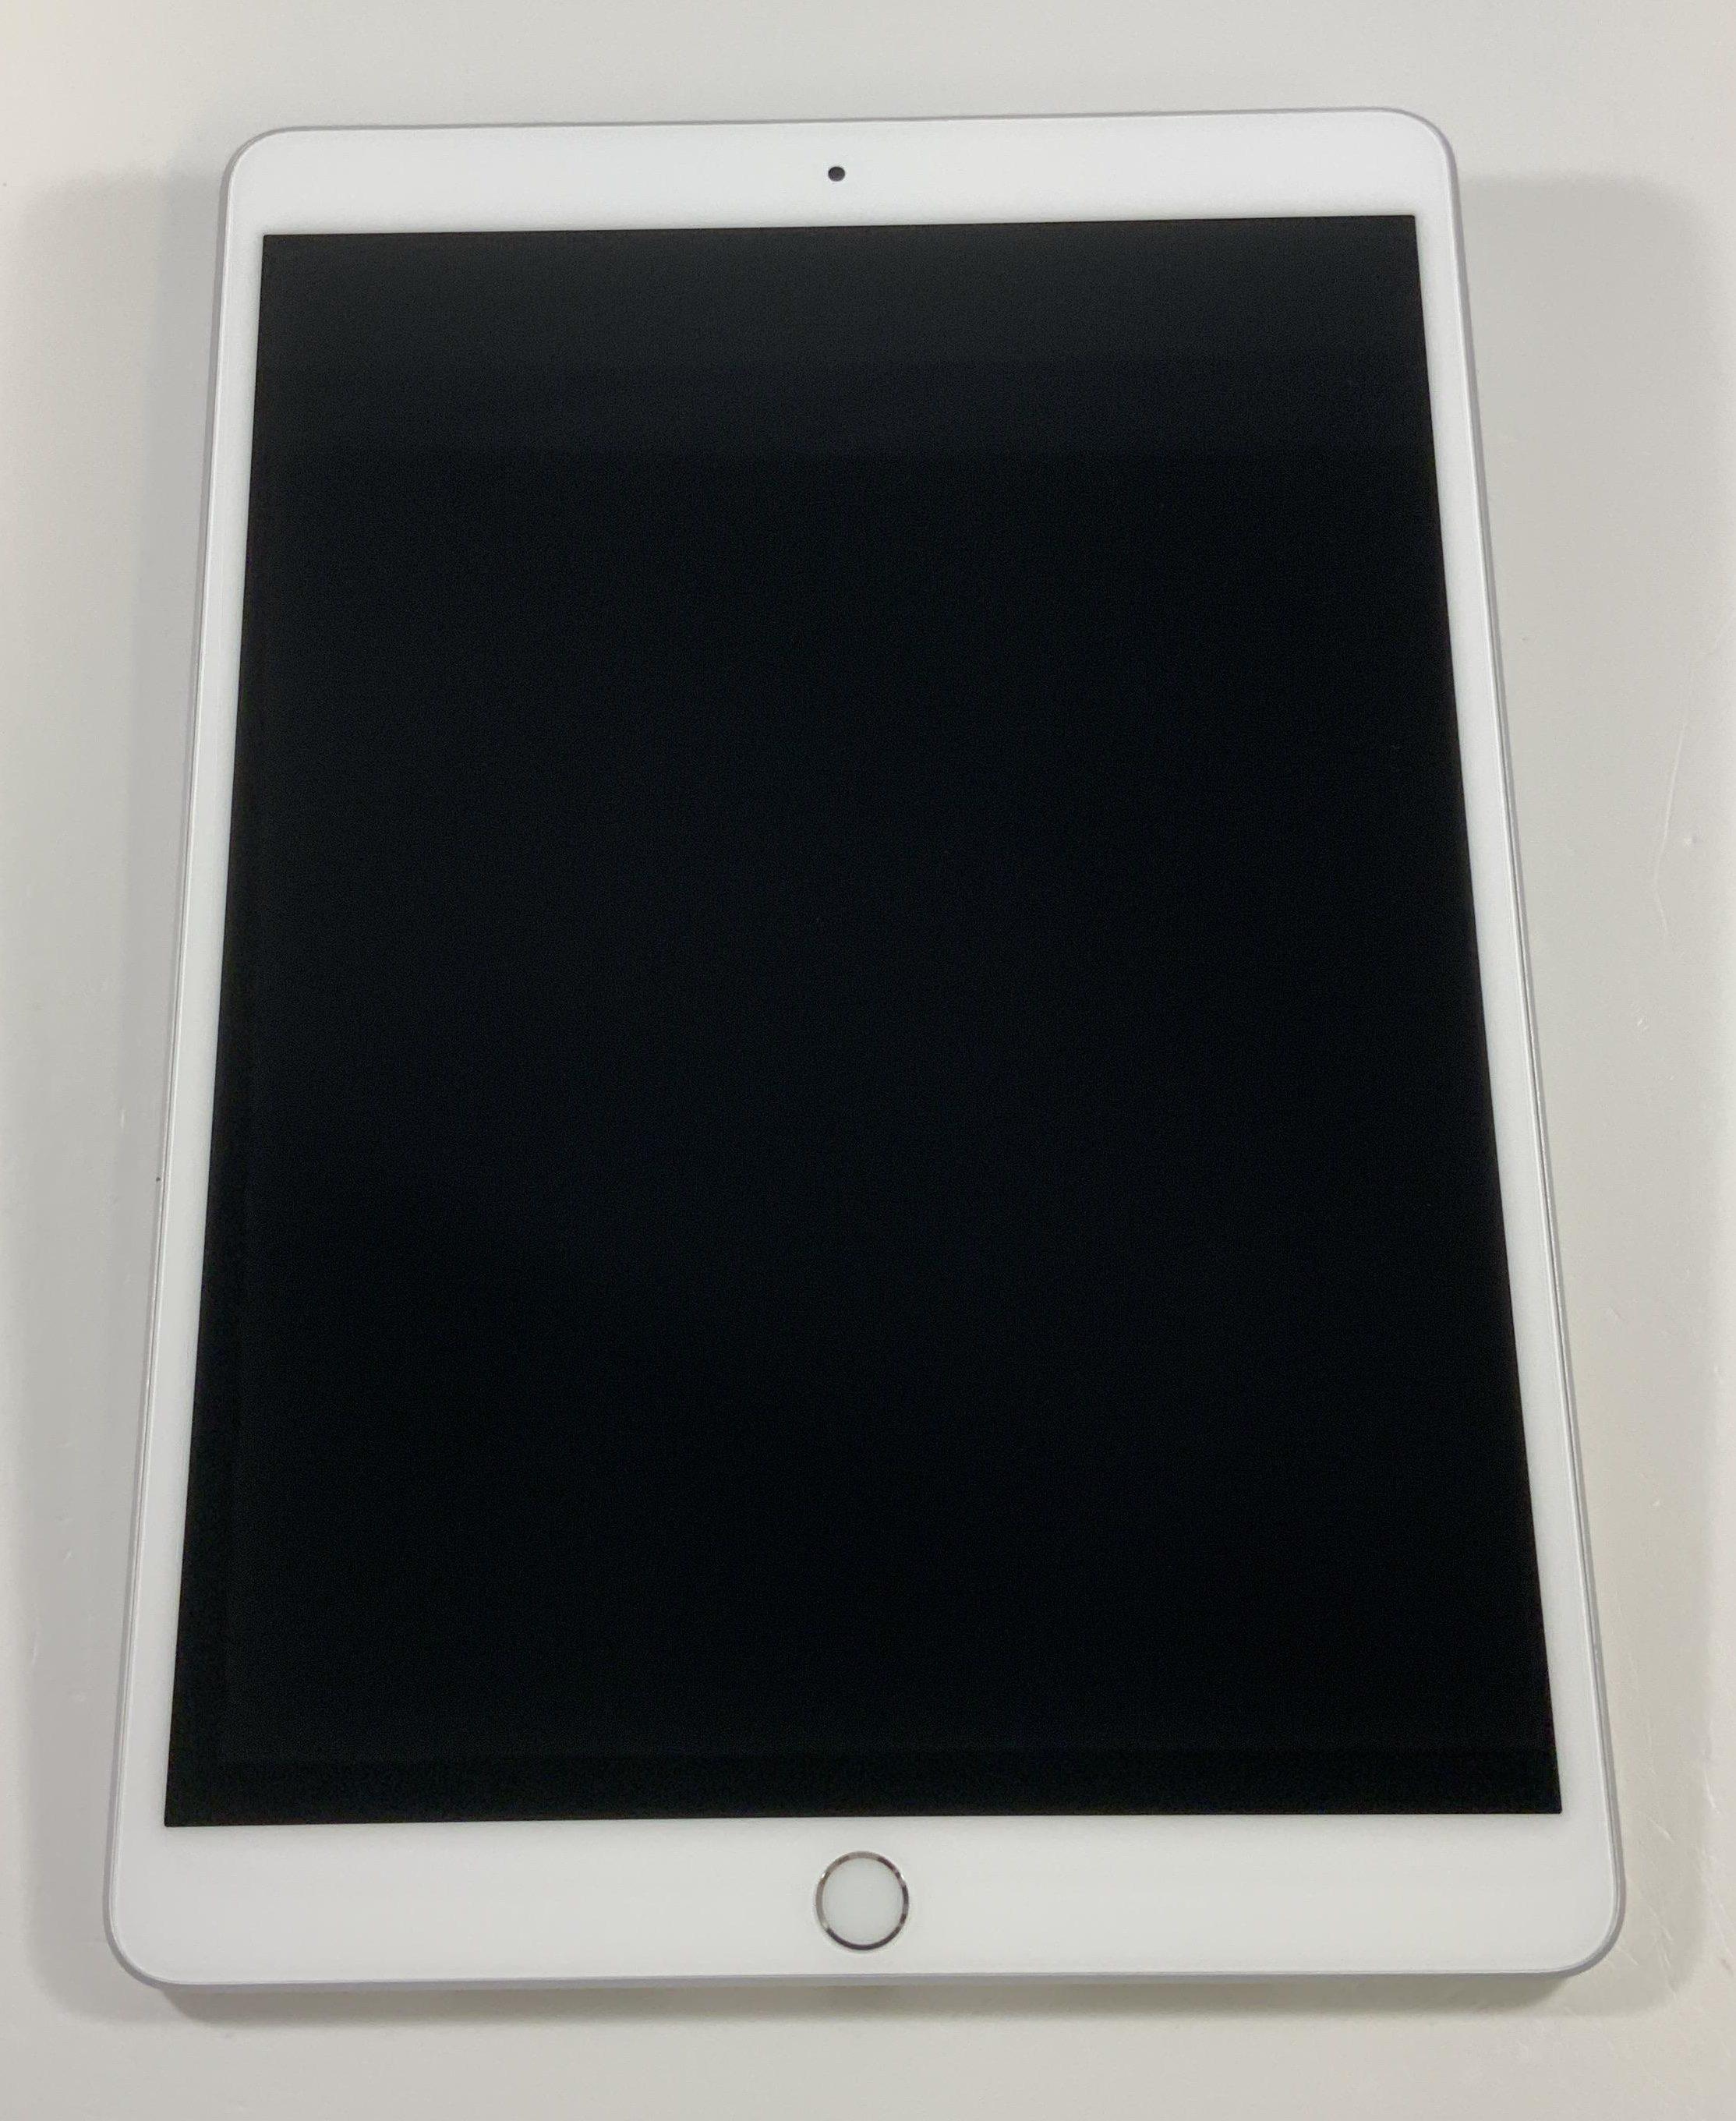 iPad Air 3 Wi-Fi + Cellular 256GB, 256GB, Silver, imagen 1